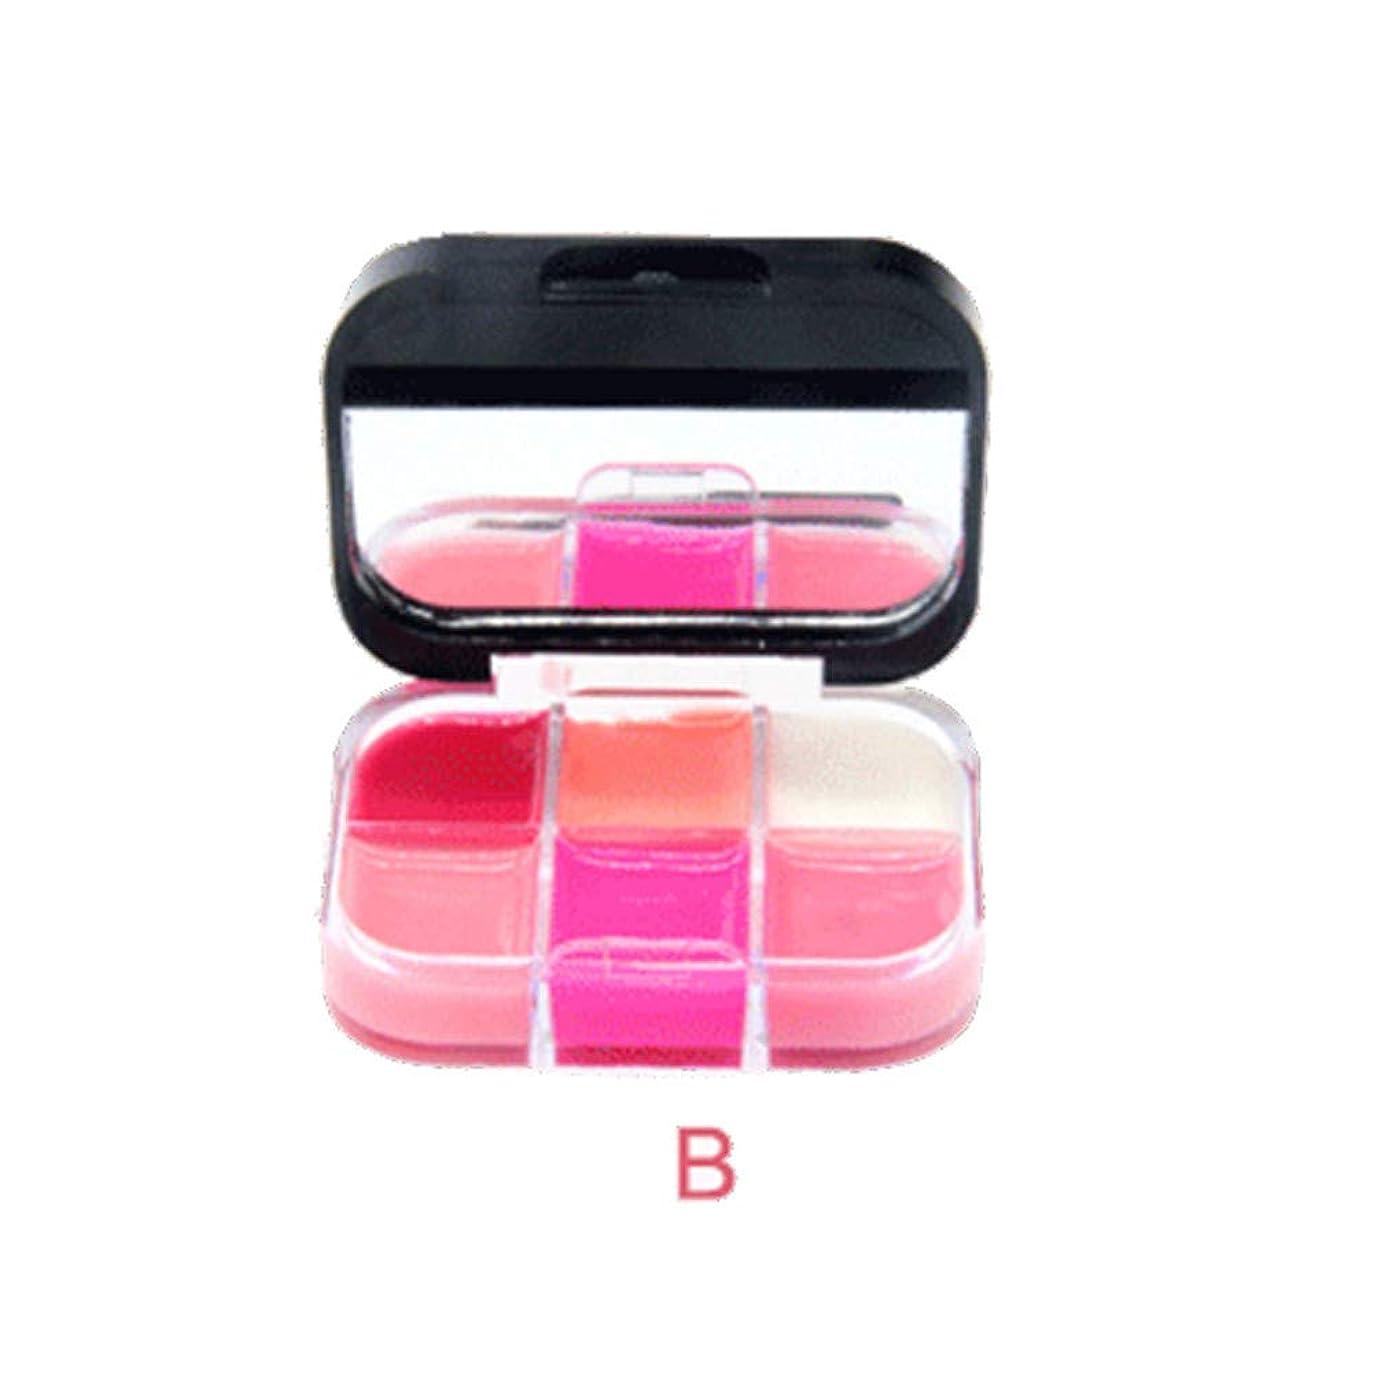 雑多な塩辛い従順美は口紅の保湿剤の唇の光沢の化粧品セットを構成します